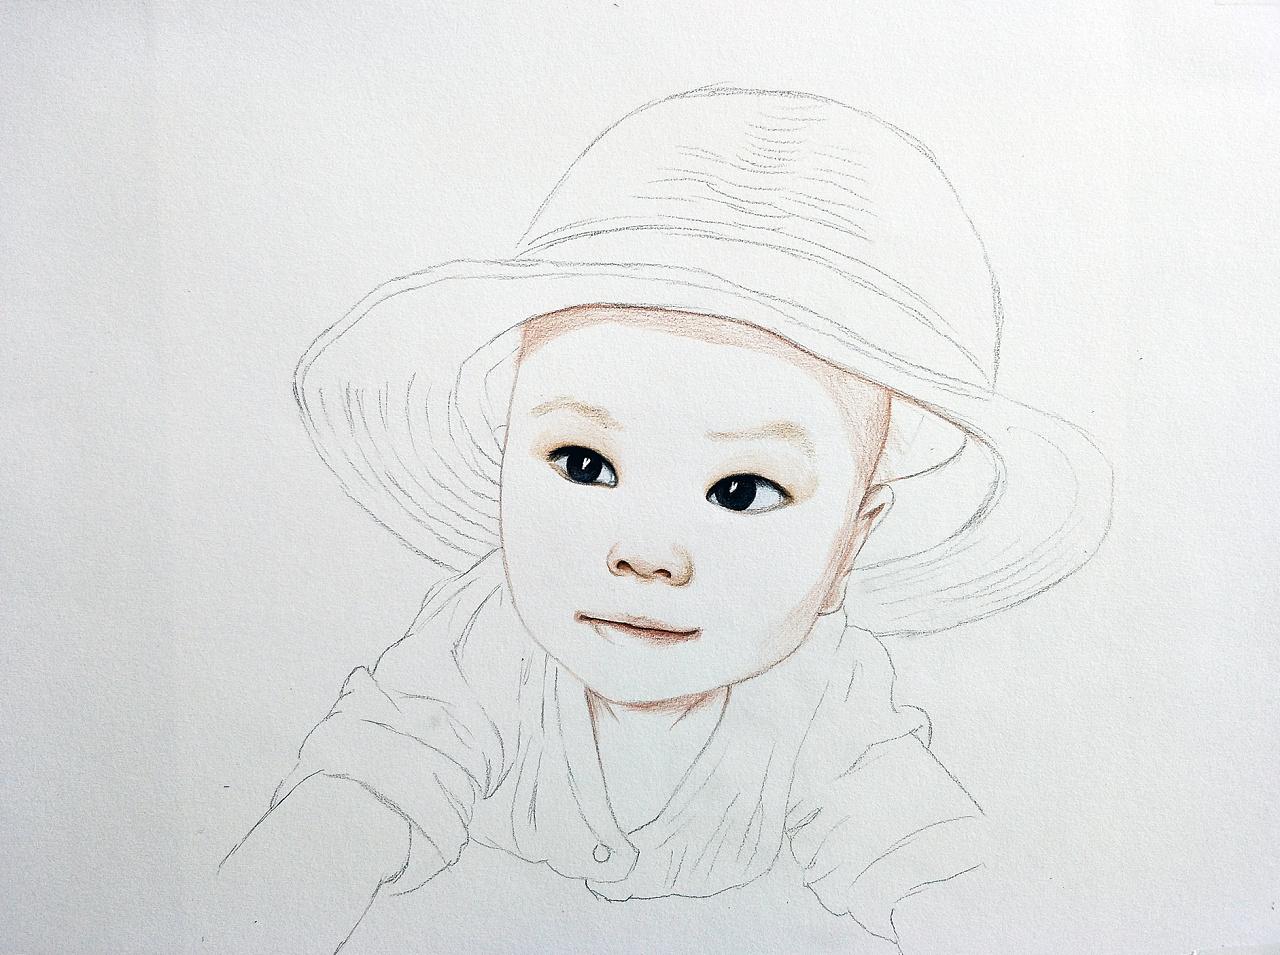 彩铅手绘儿童肖像画---叶青(过程)